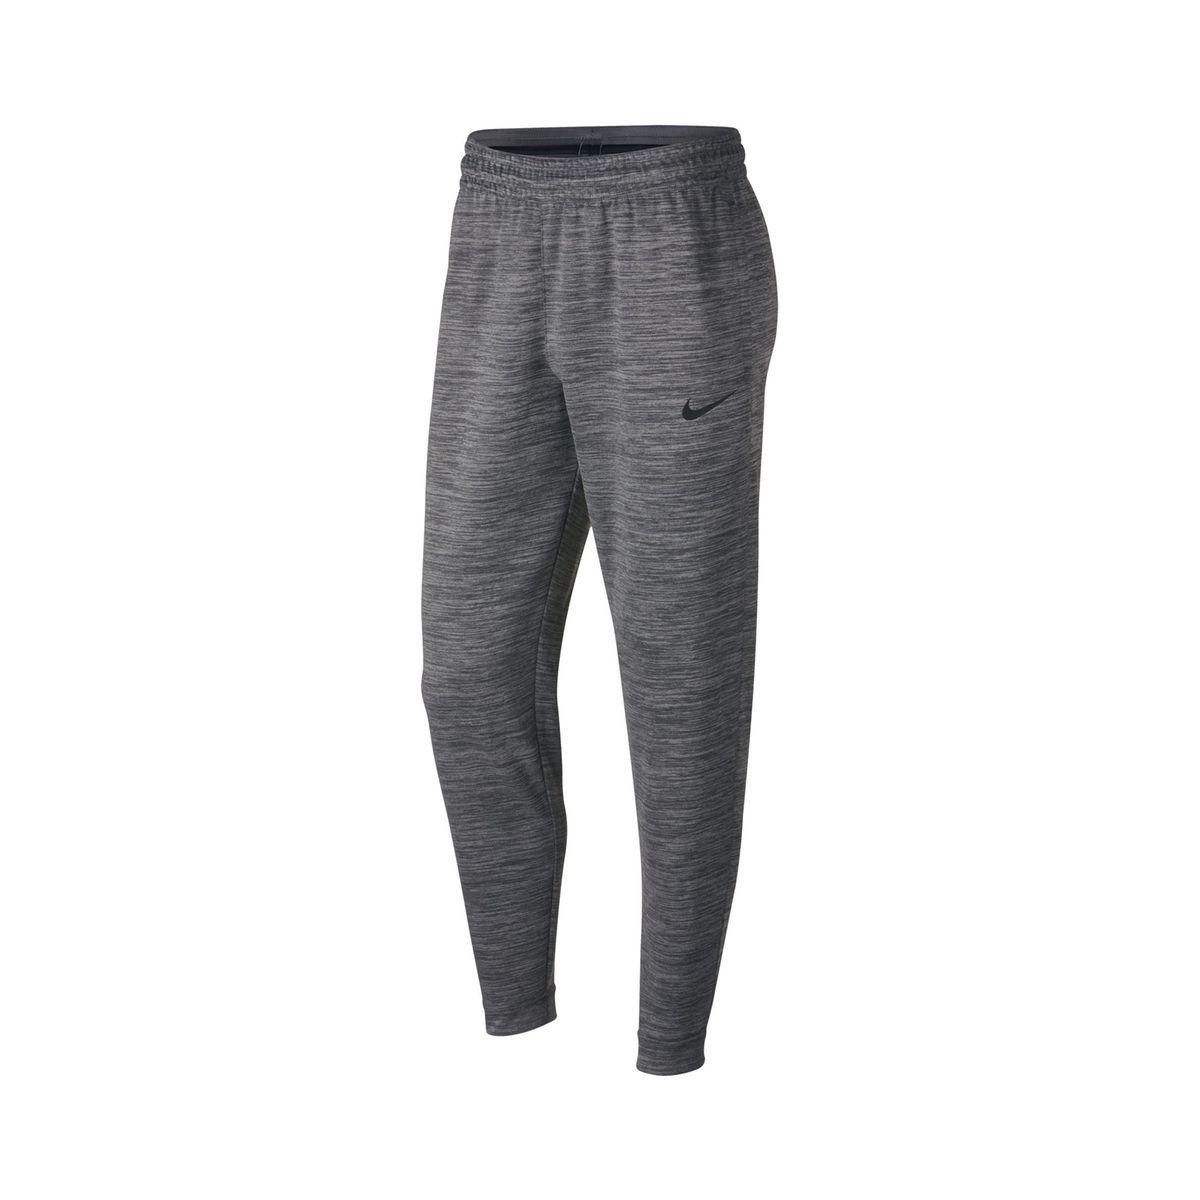 Pantalon Nike Spotlight Gris Taille : L;M;S;XL | Pantalons